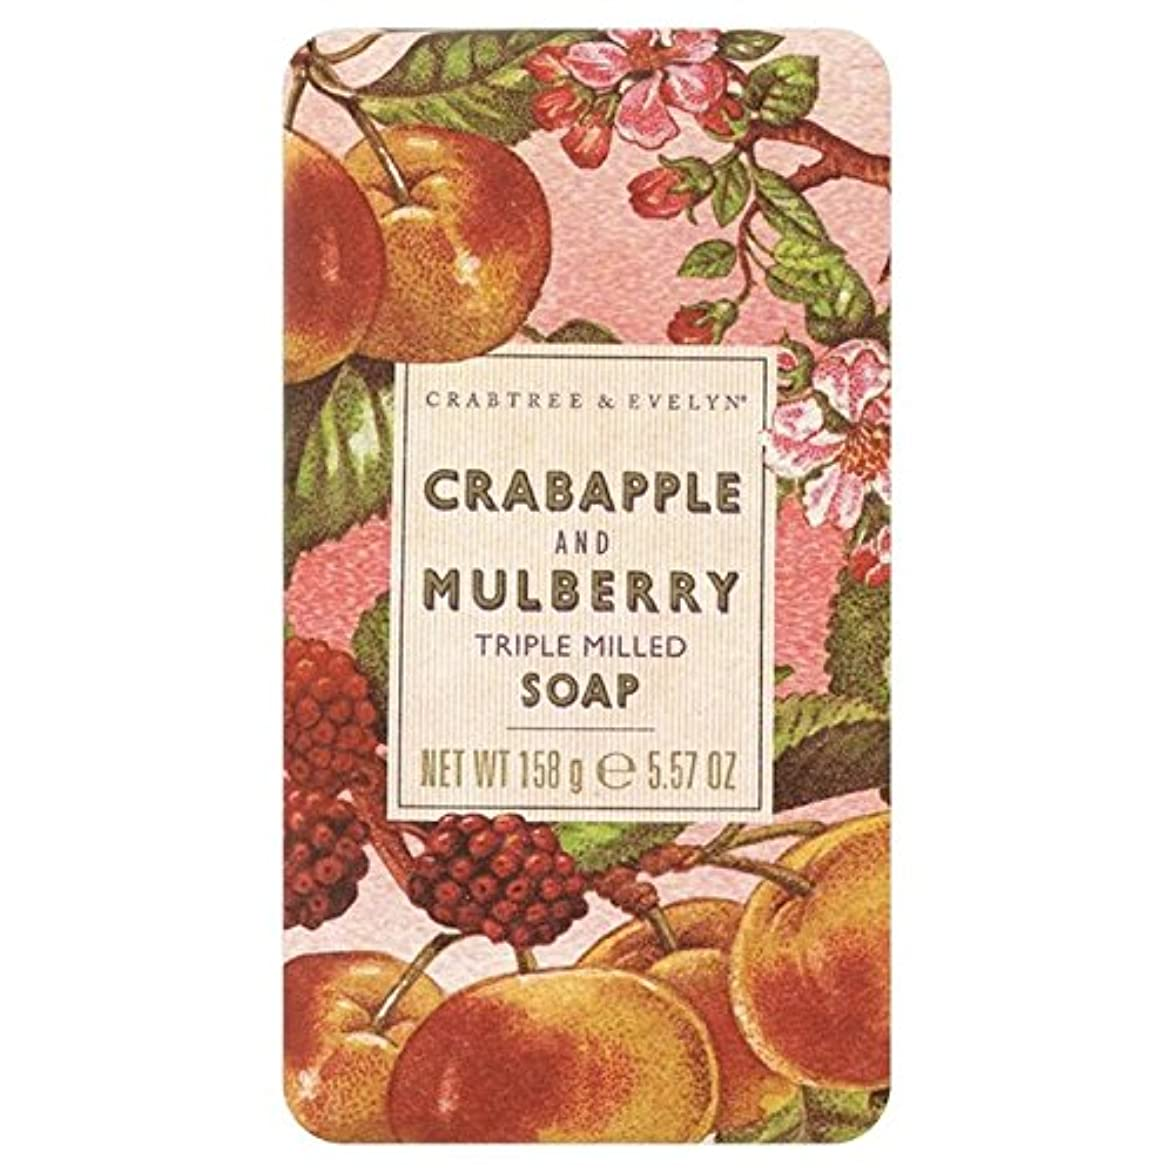 社会学注釈を付ける問題クラブツリー&イヴリンと桑遺産石鹸150グラム x2 - Crabtree & Evelyn Crabapple and Mulberry Heritage Soap 150g (Pack of 2) [並行輸入品]